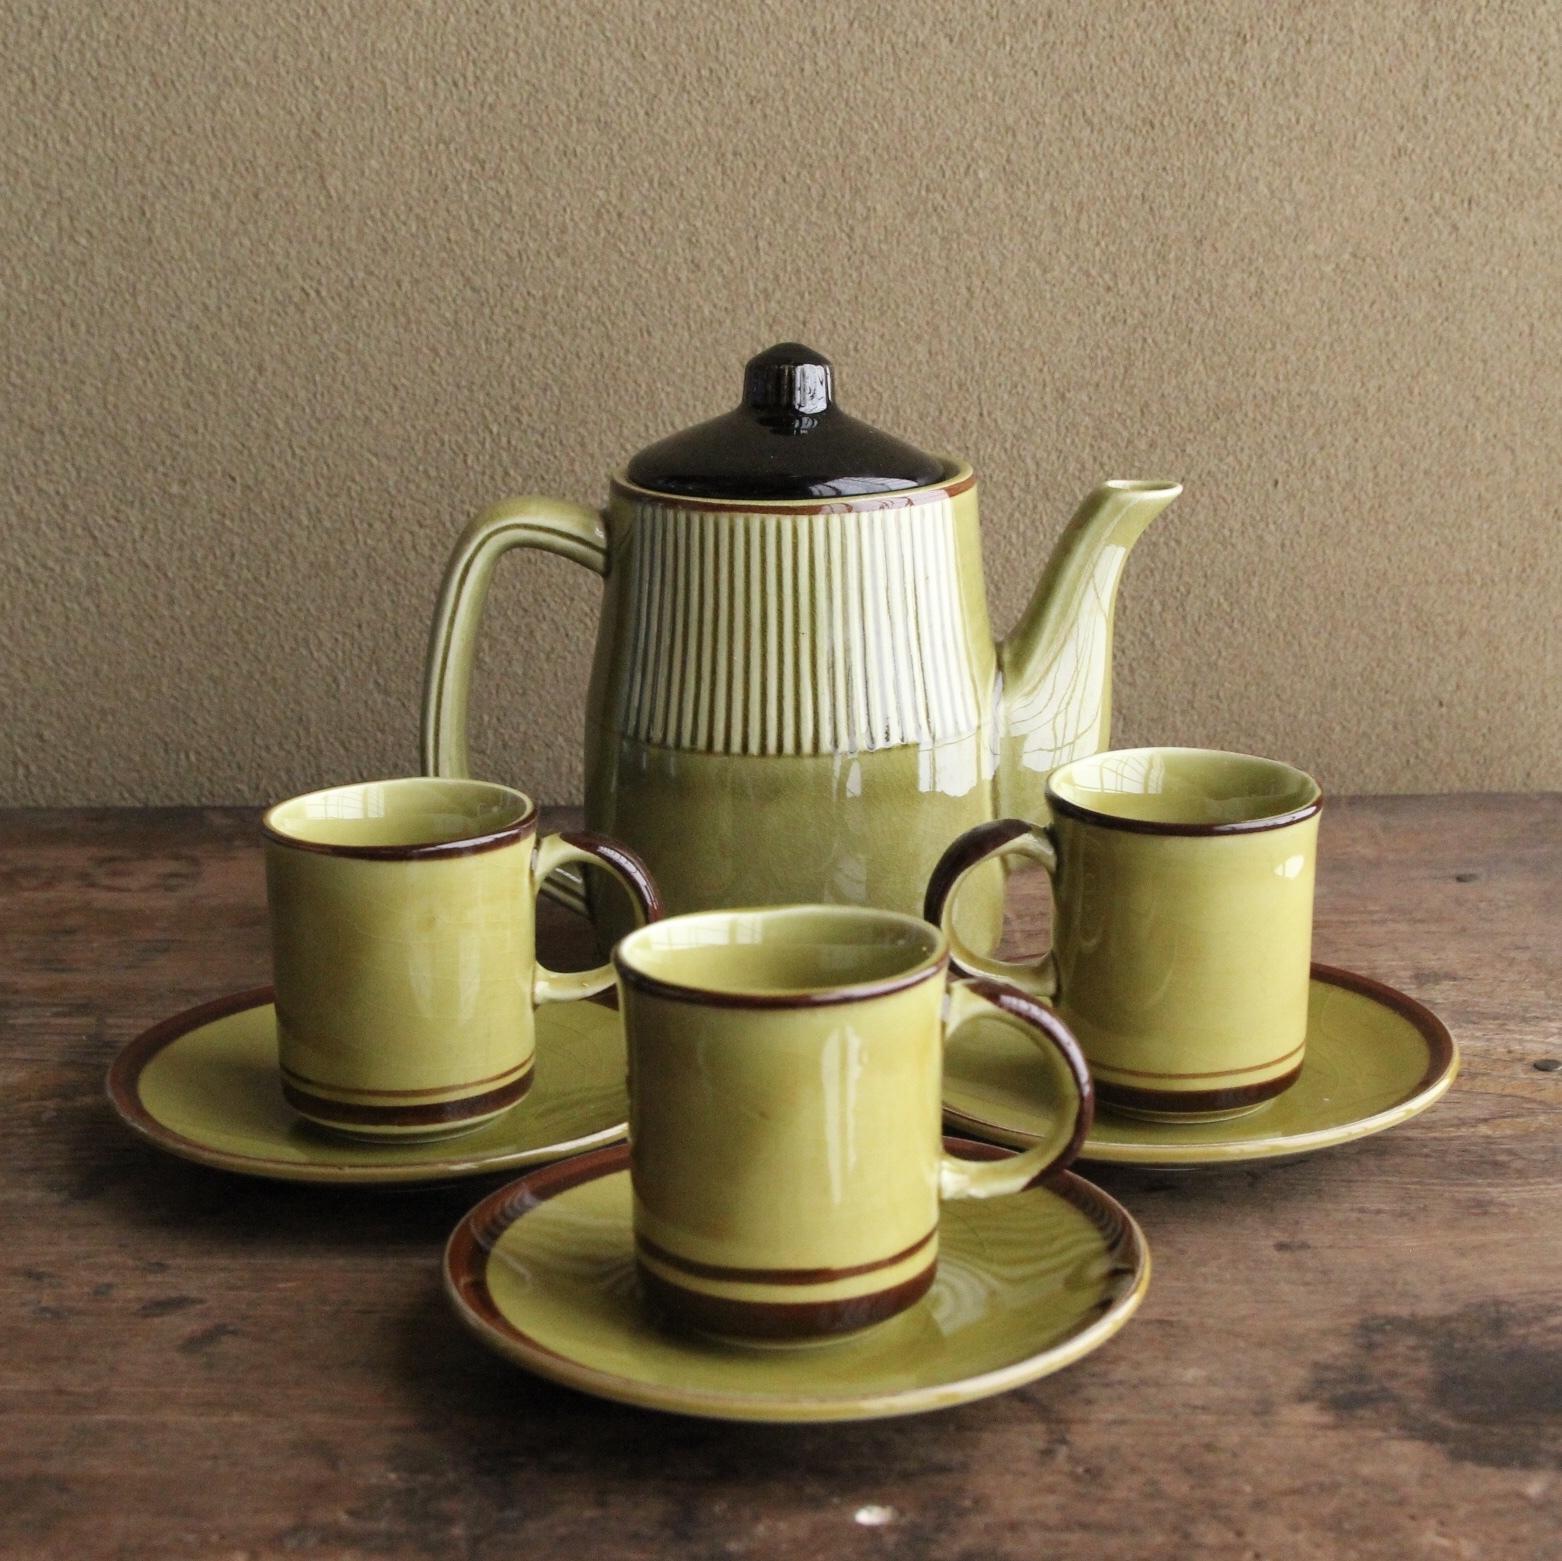 鶯色のコーヒーカップとポットのセット